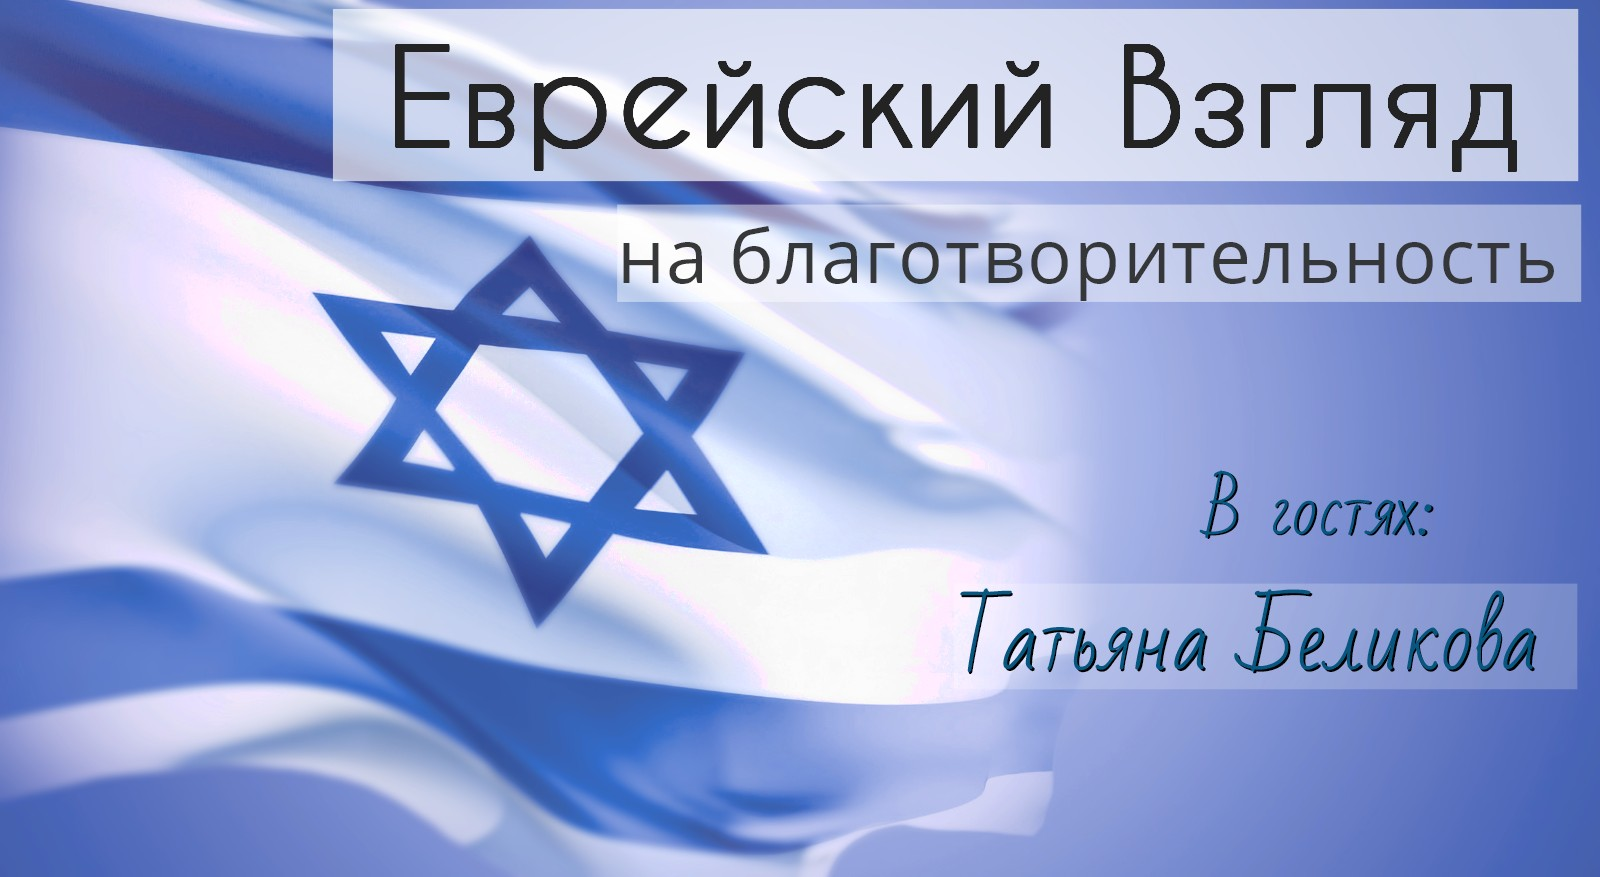 «Еврейский взгляд»: антисемитизм и еврейская благотворительность